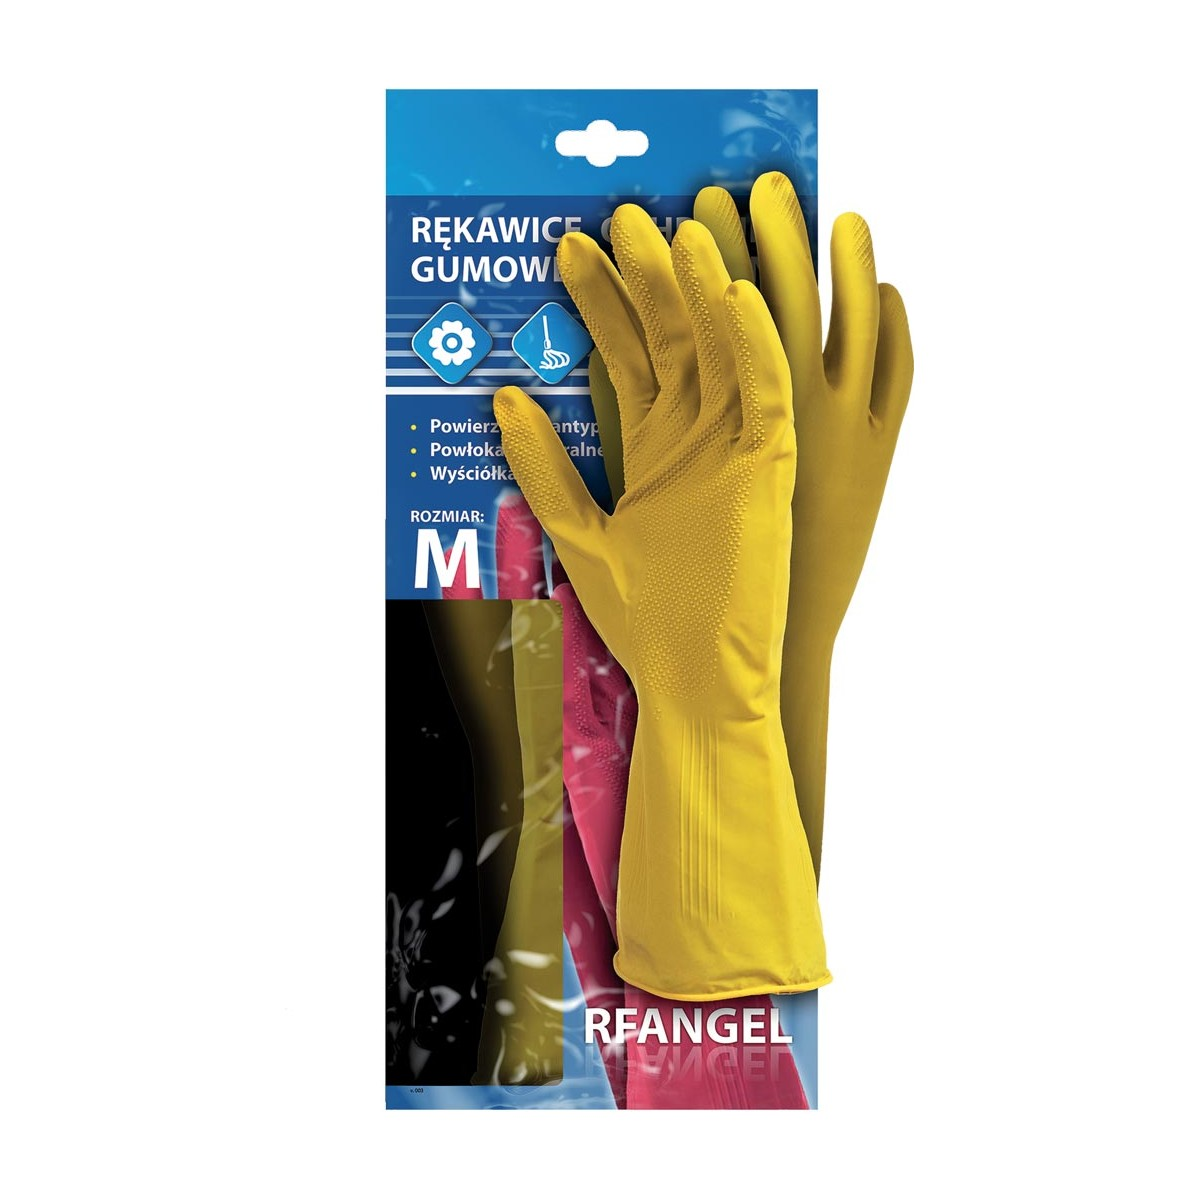 Rękawice ochronne gumowe flokowane RF Y r. S - XL